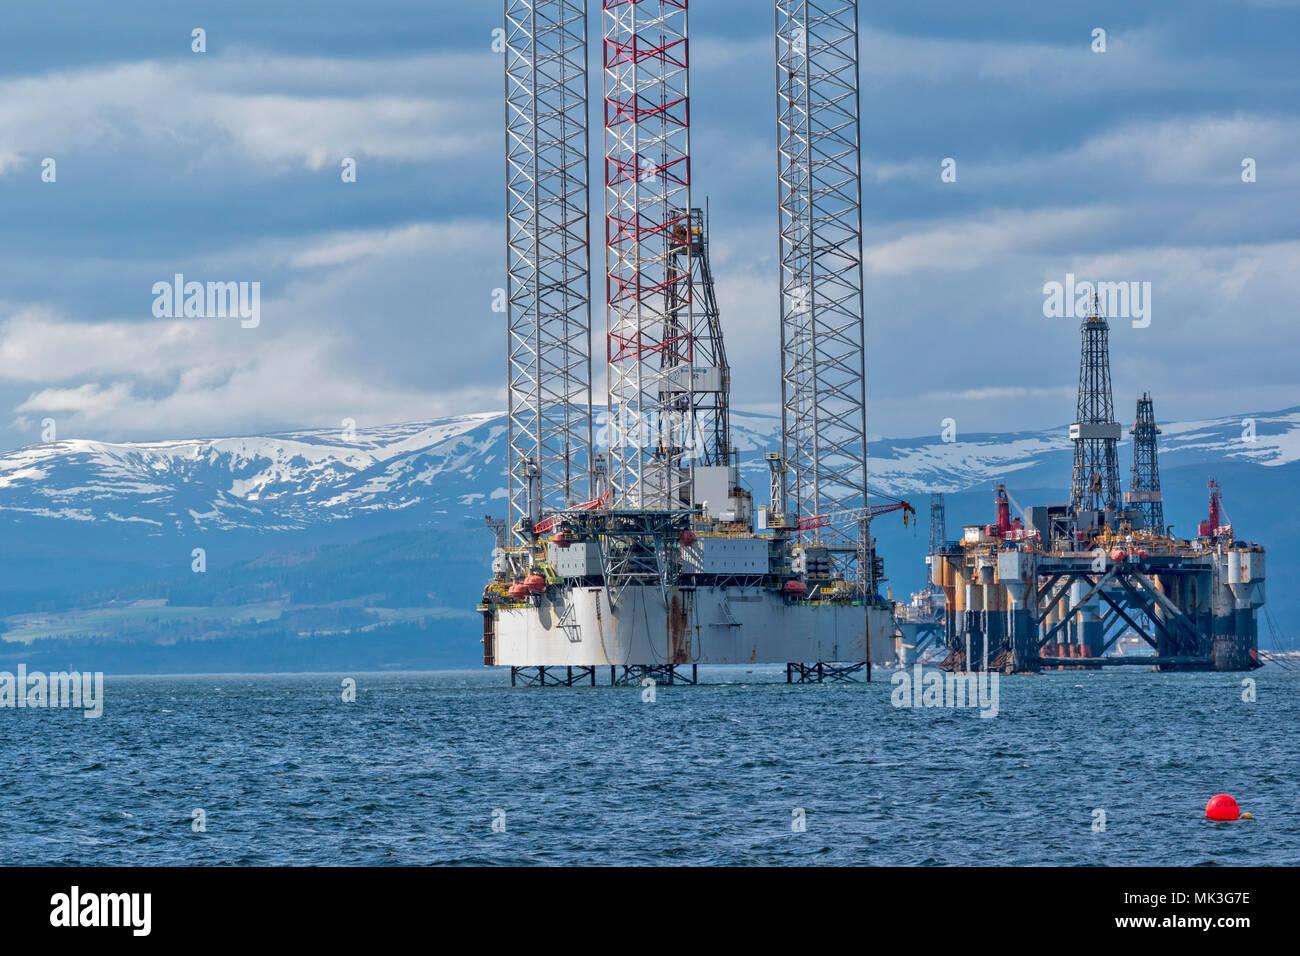 CROMARTY FIRTH Scozia tall oil RIG o piattaforma di trivellazione BAUG E SMANTELLATA Oil Rig con coperta di neve colline Foto Stock